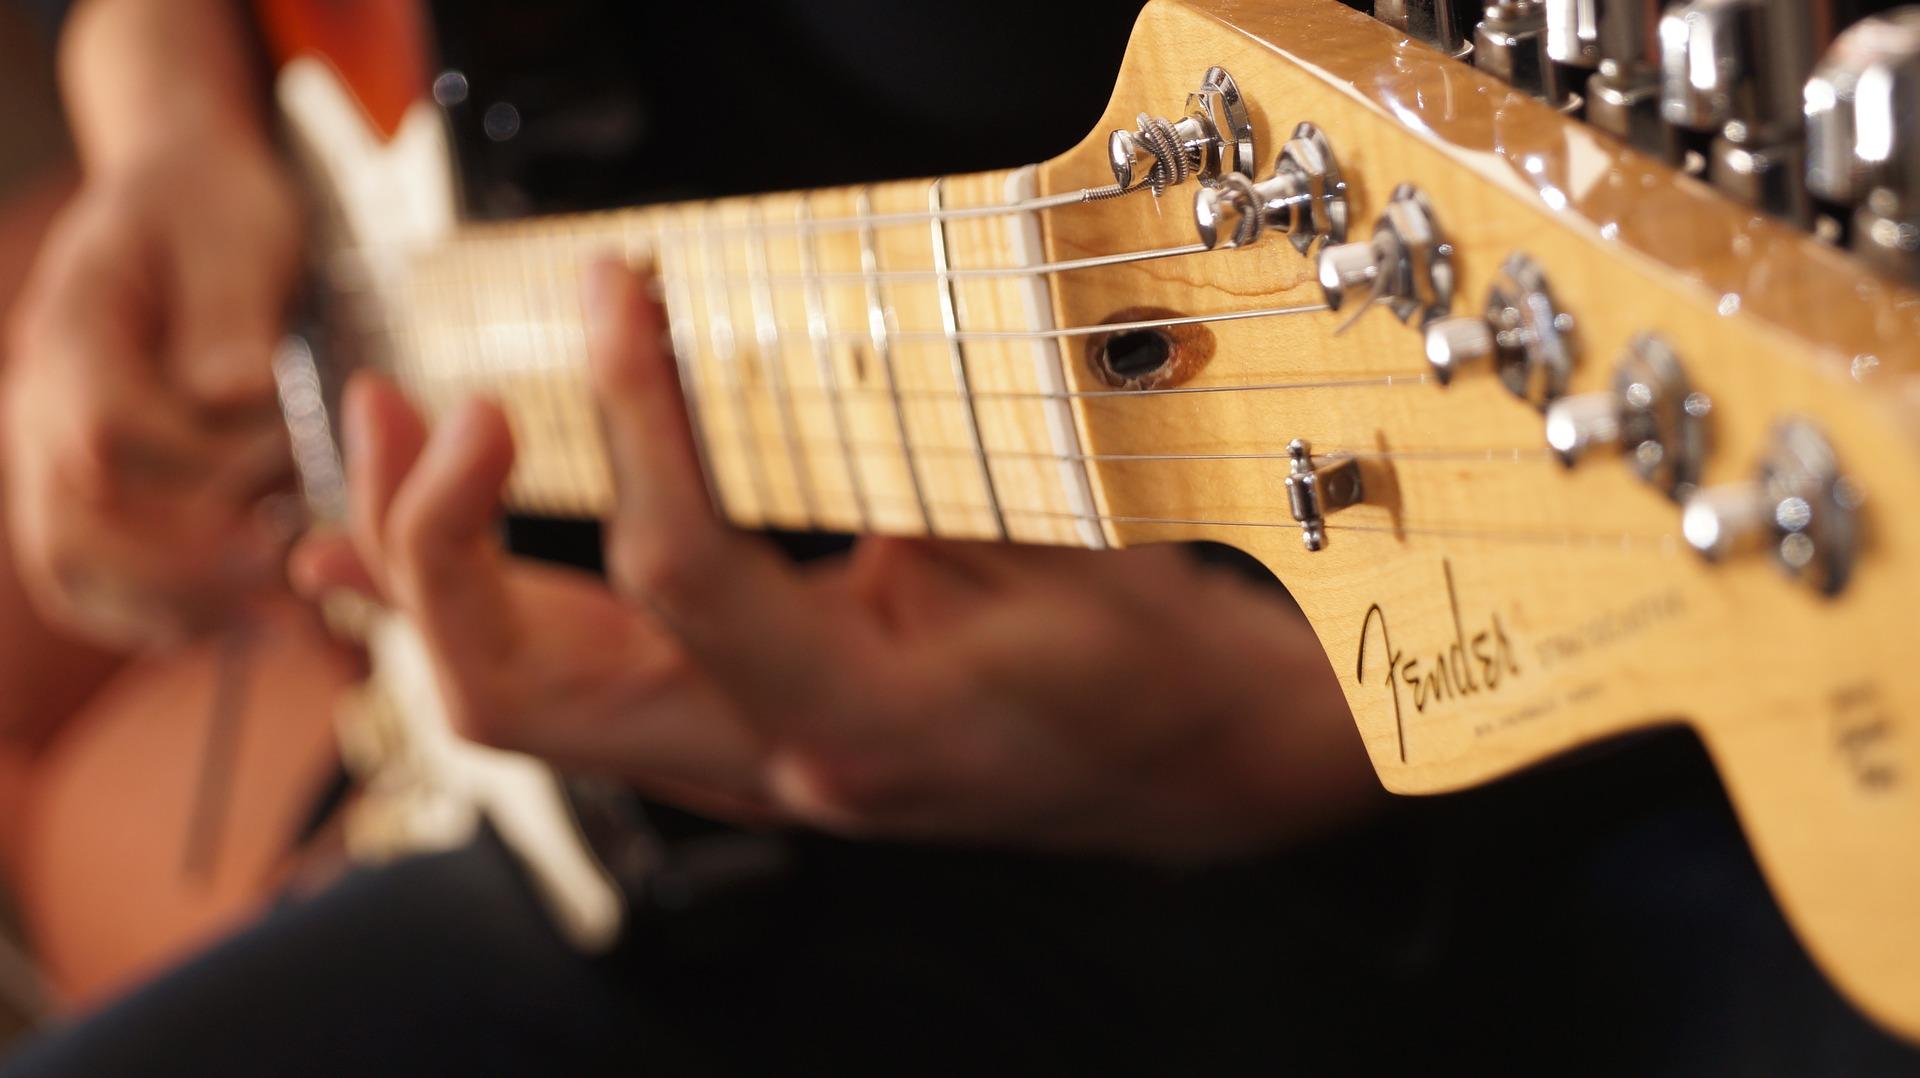 エレキギターの王道「フェンダー・ストラトキャスター」